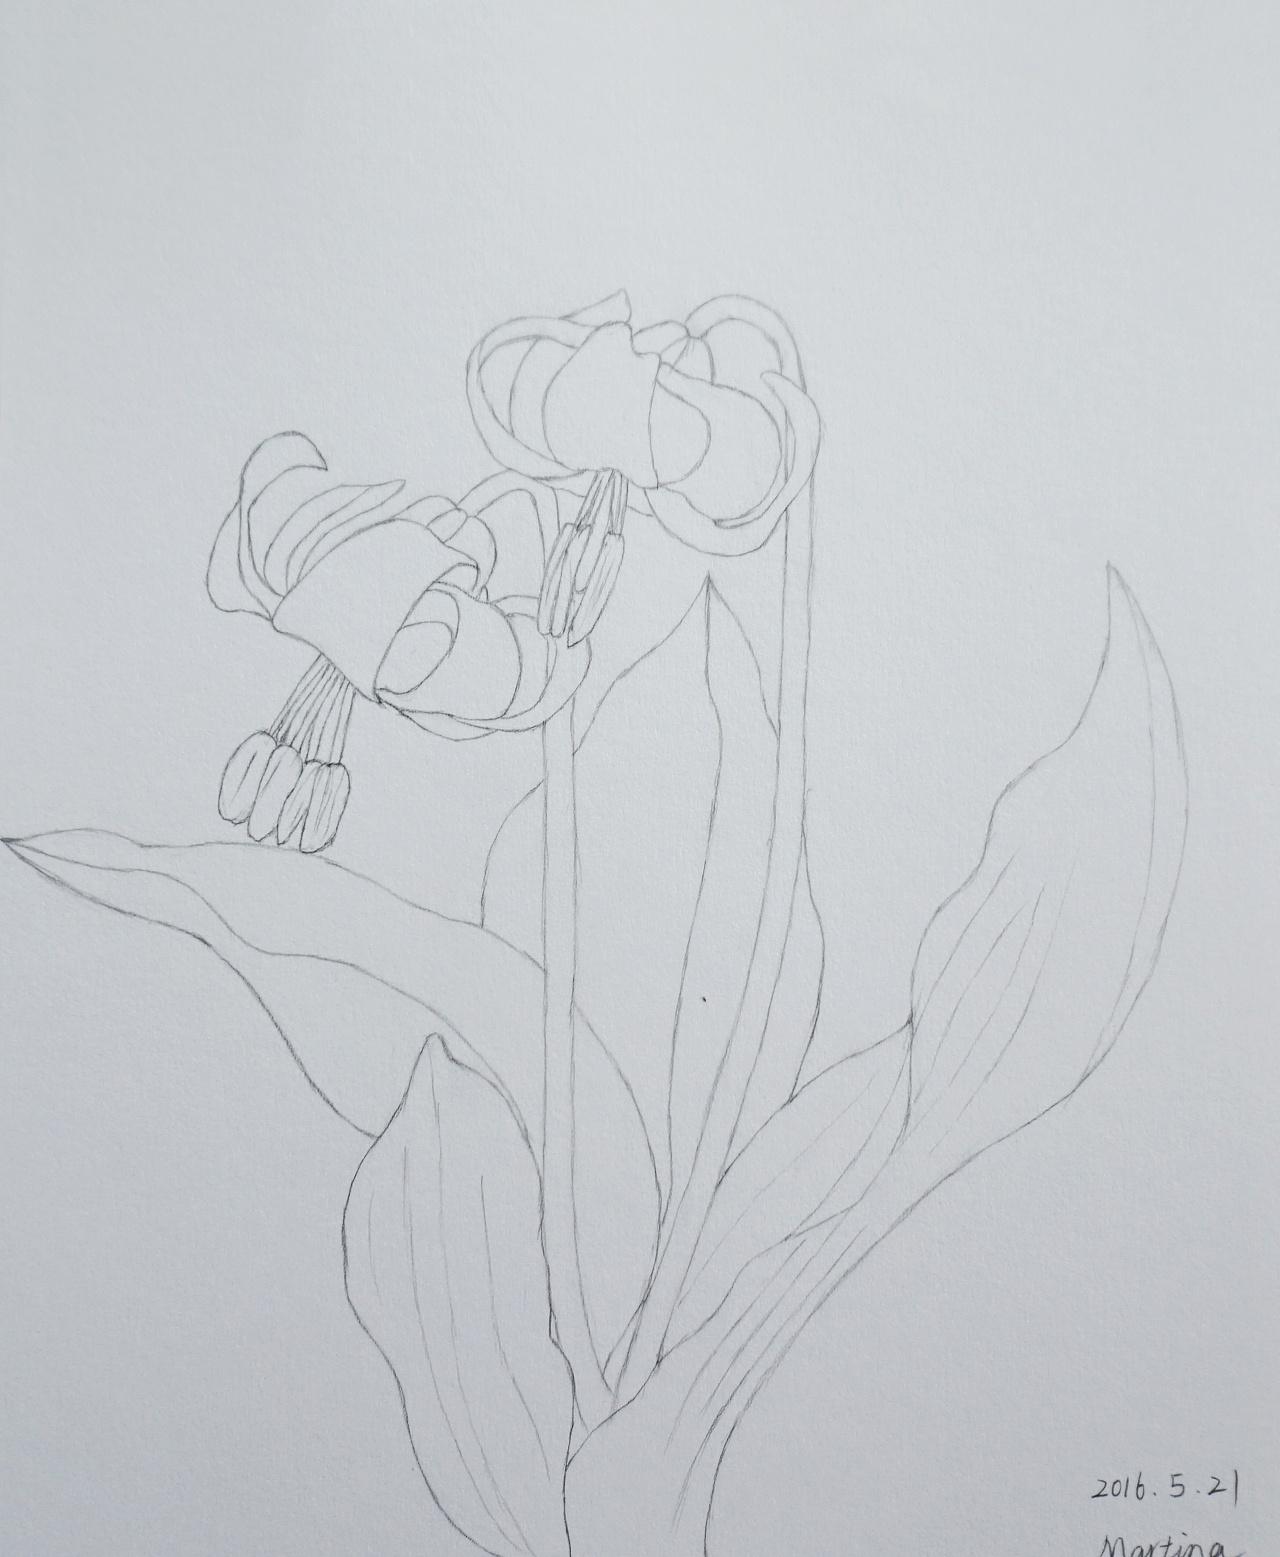 彩铅简笔画手绘